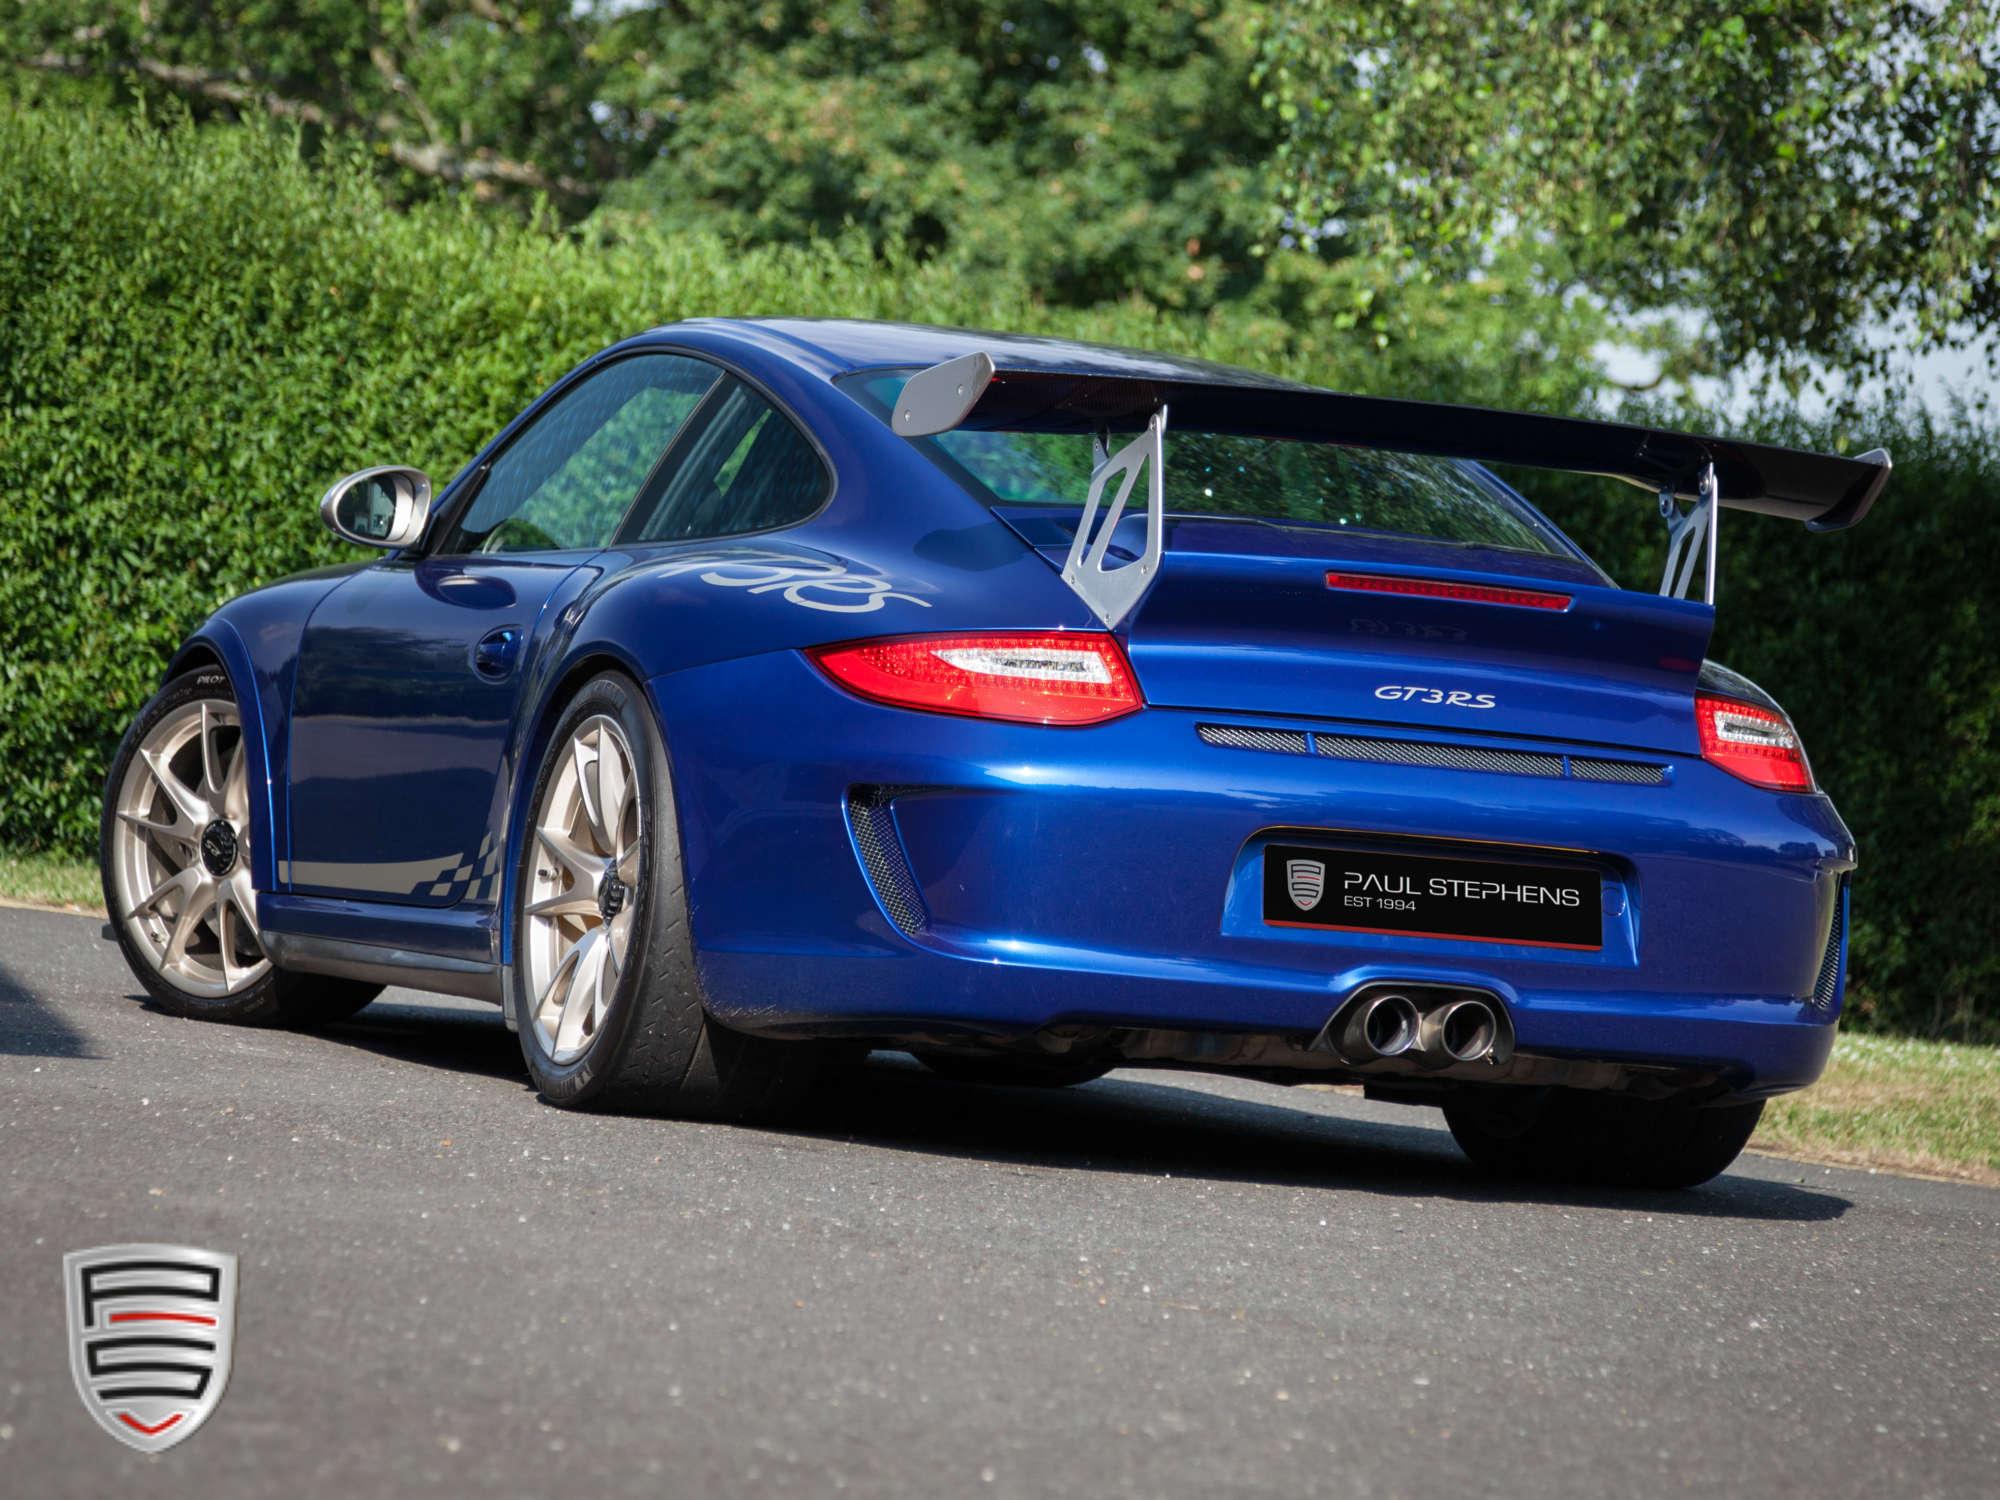 Porsche 997 2 Gt3 Elferspot Com Marketplace For Porsche Sports Cars